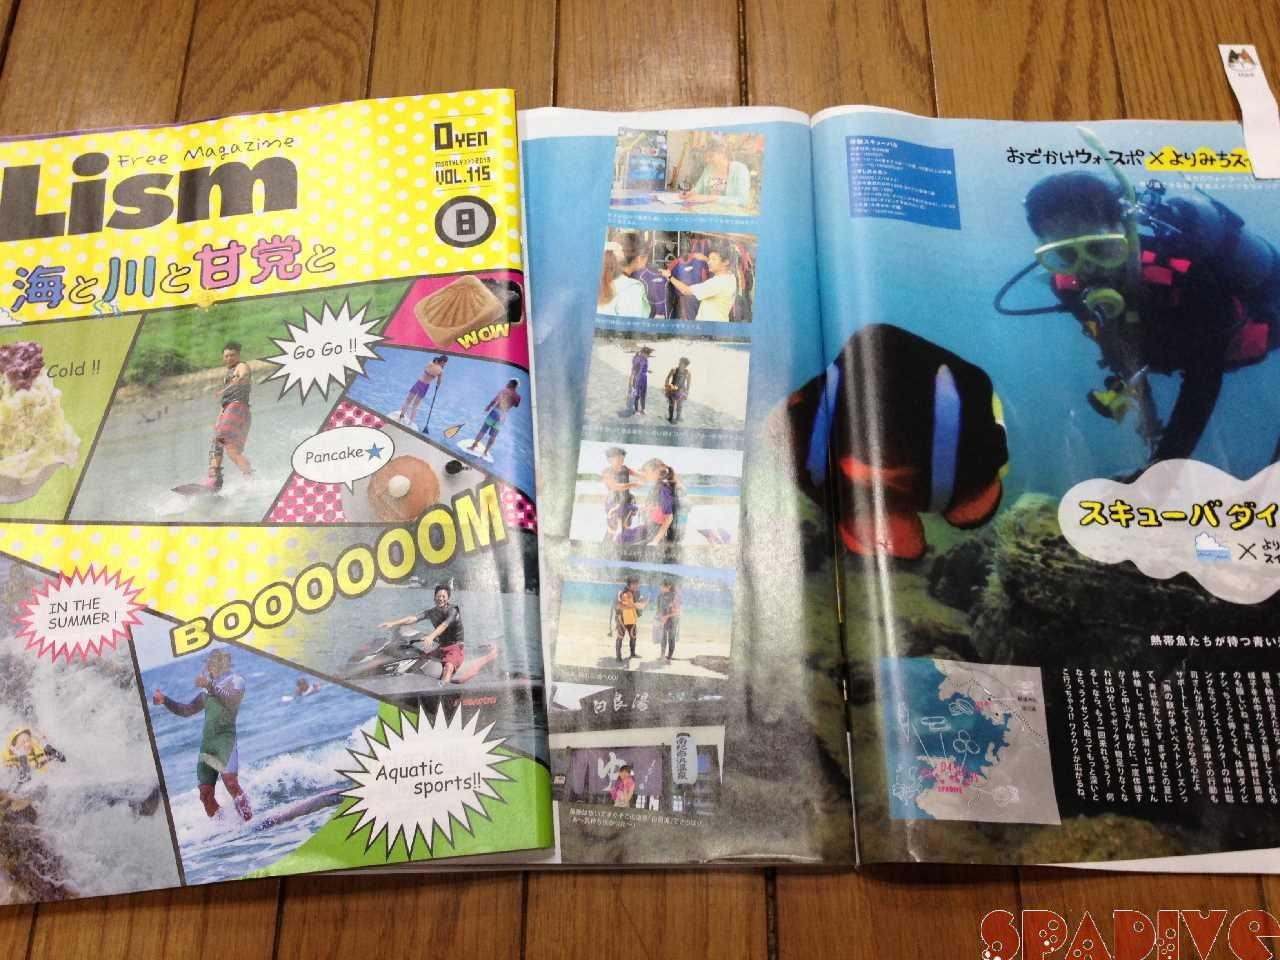 雑誌Lism8月号掲載!!これで私も有名人?(笑)7/27/2013